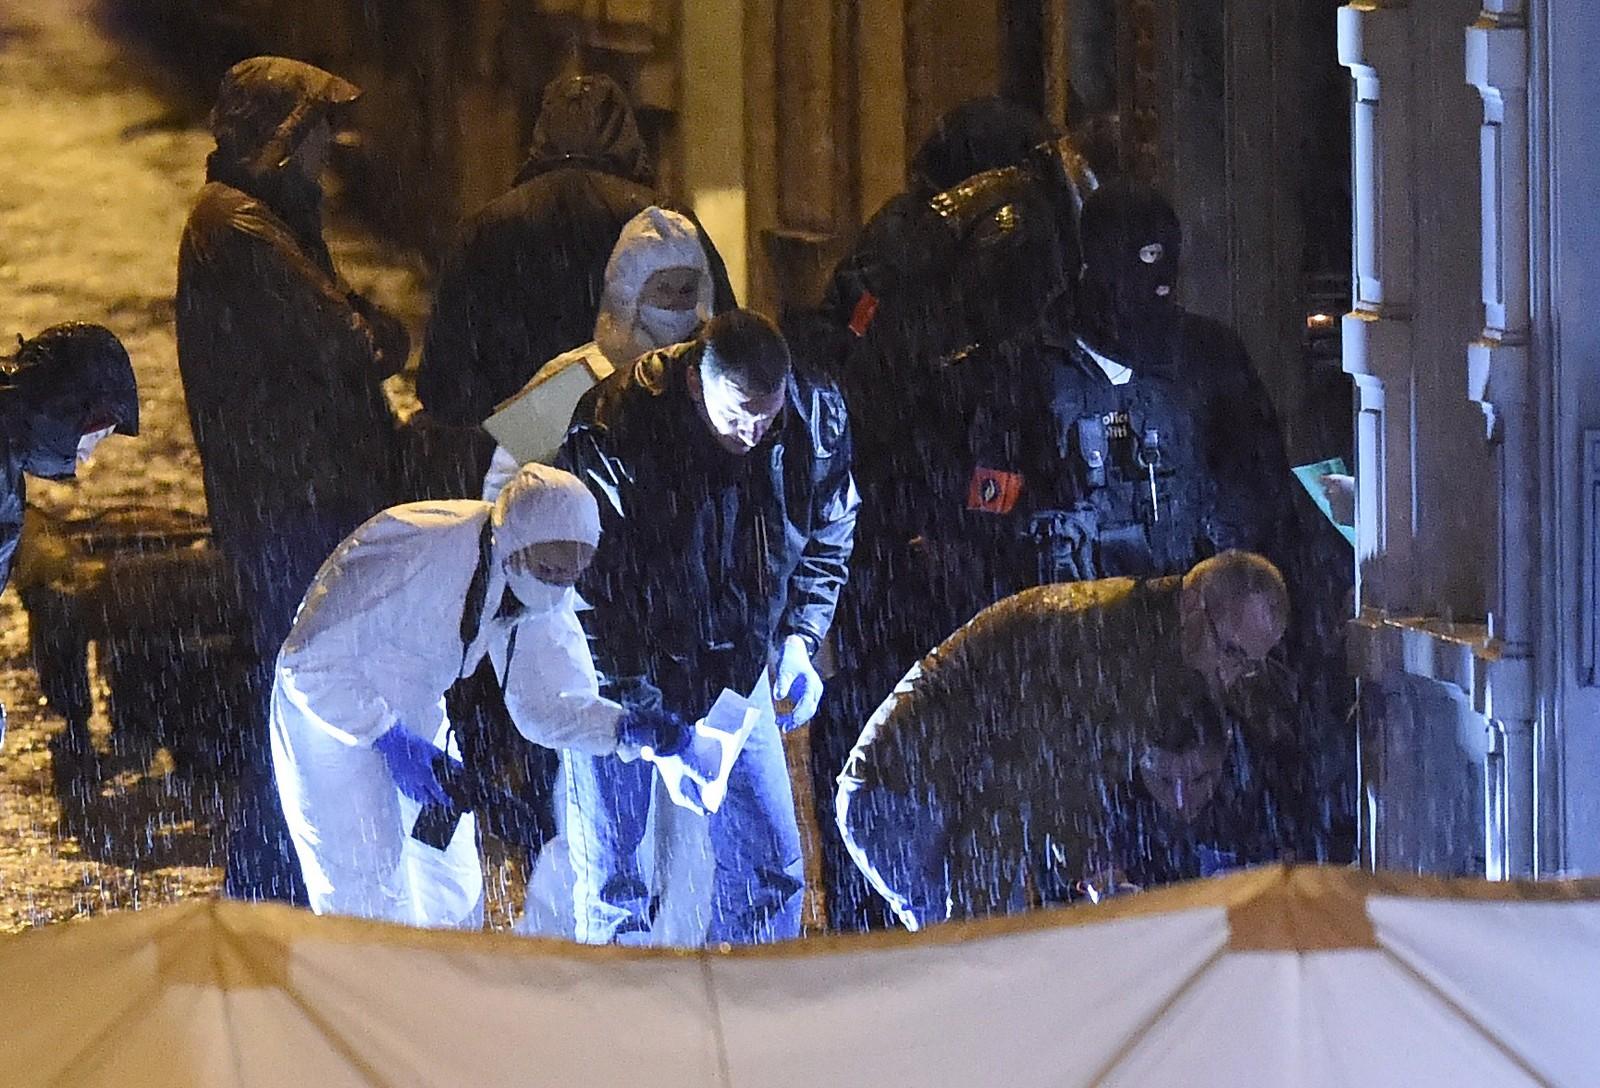 Politiet har aksjonert mot flere steder i Belgia torsdag, blant annet i Brussel. Aksjonene pågår fortsatt torsdag kveld.